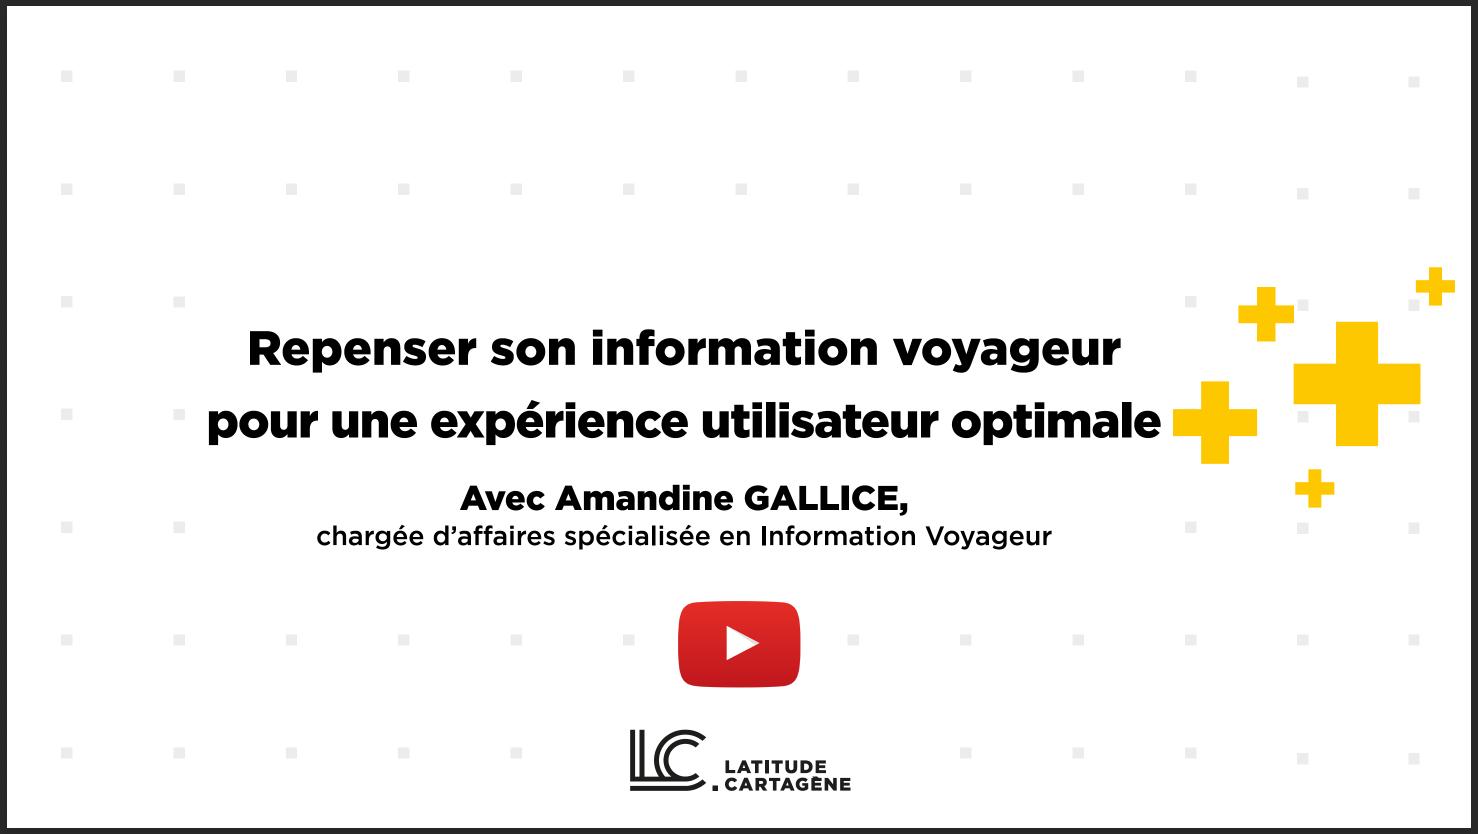 repenser-info-voyageur-experience-utilisateur-optimale